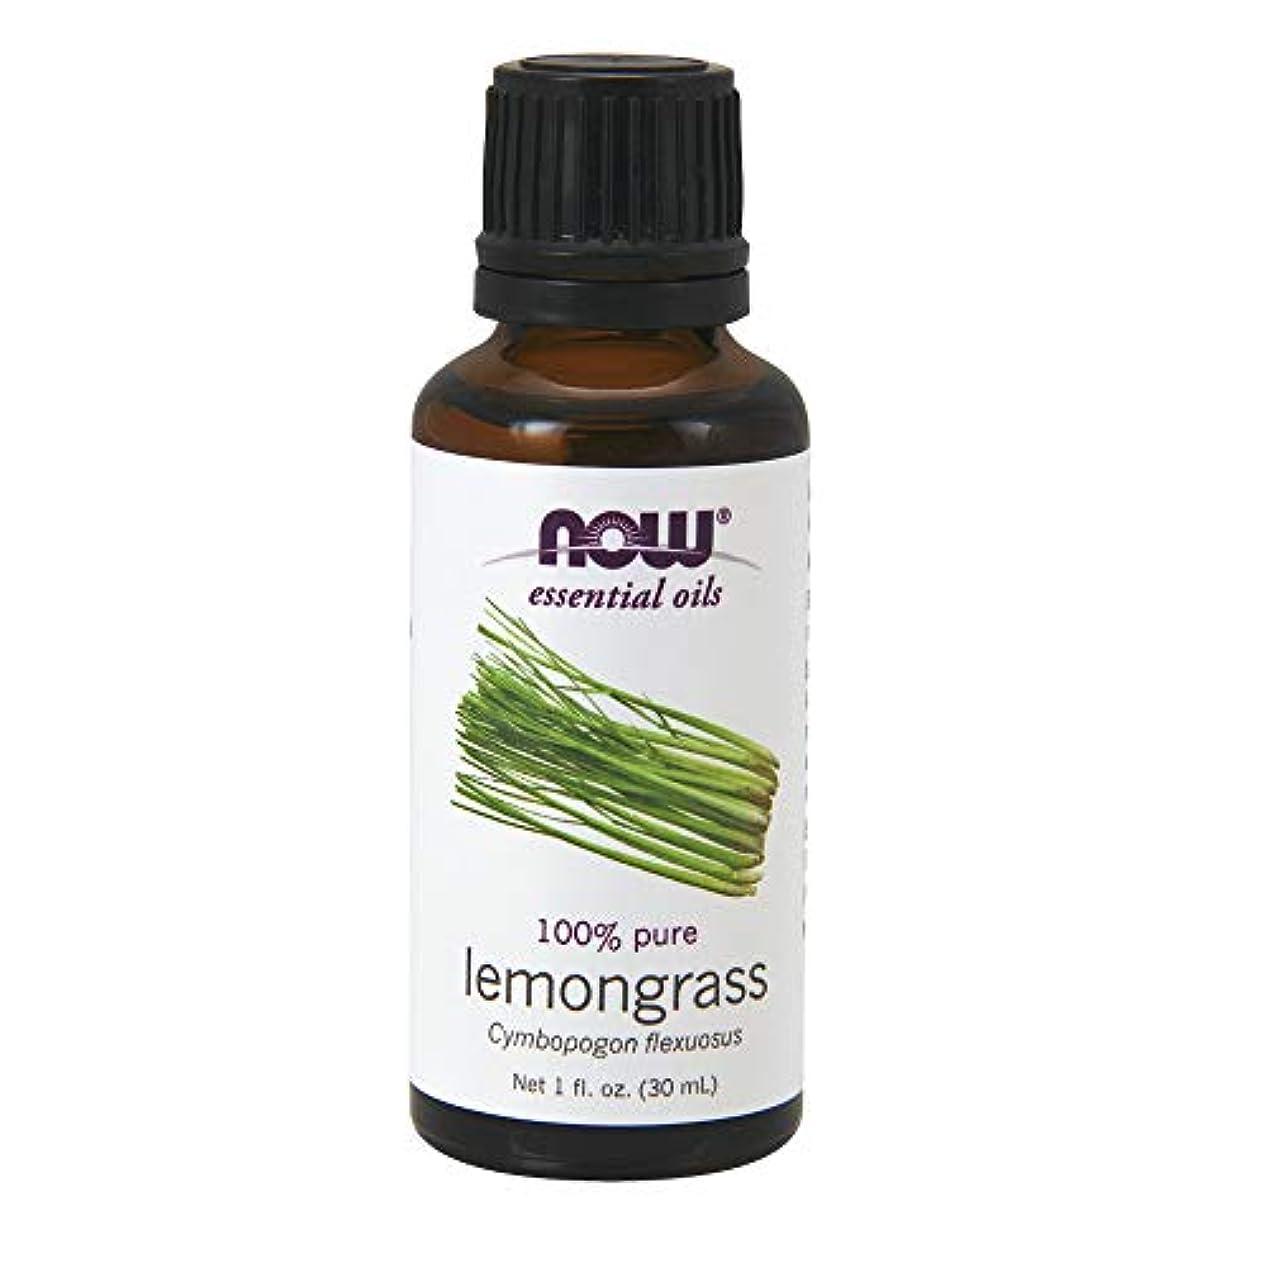 レモングラス 精油[30ml] 【正規輸入品】 NOWエッセンシャルオイル(アロマオイル)